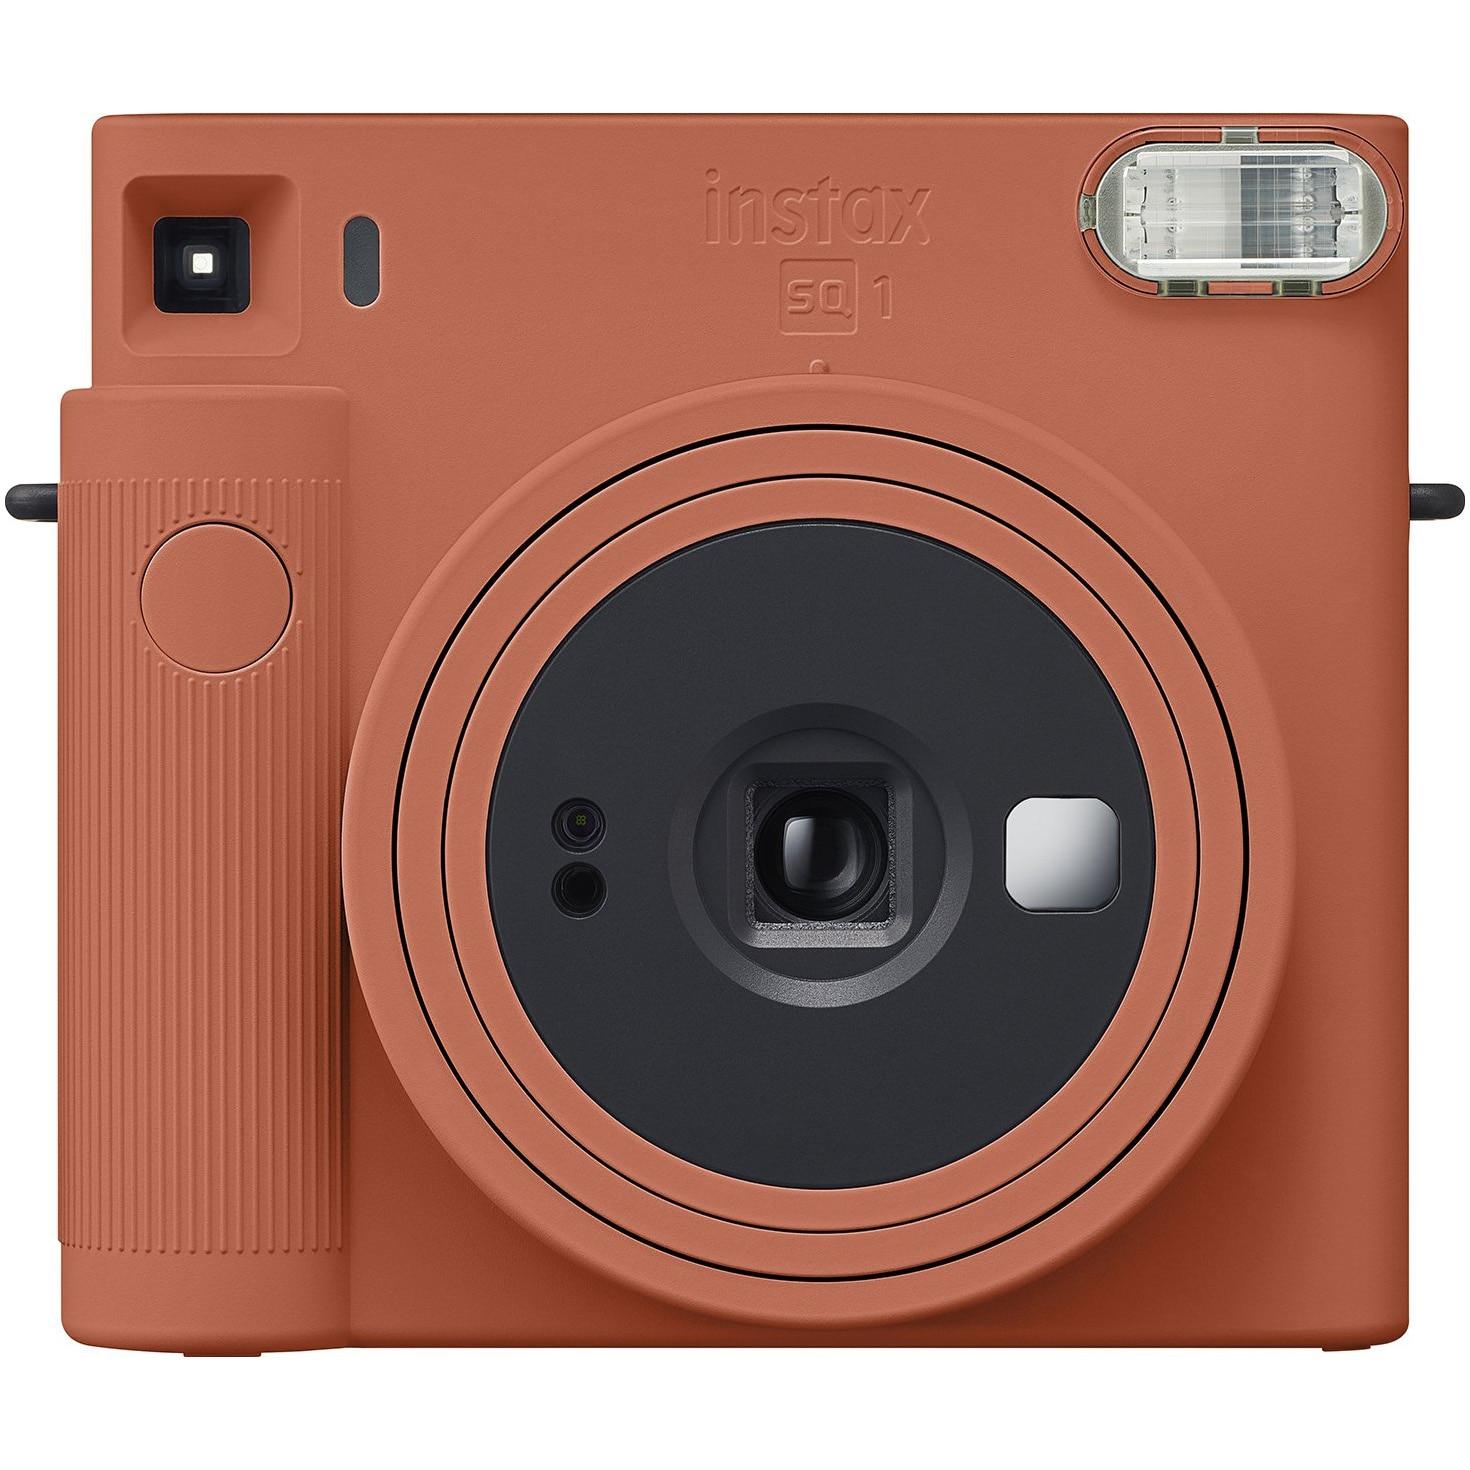 Fotografie Aparat foto Instant Fujifilm Instax SQ1 Terracotta Orange